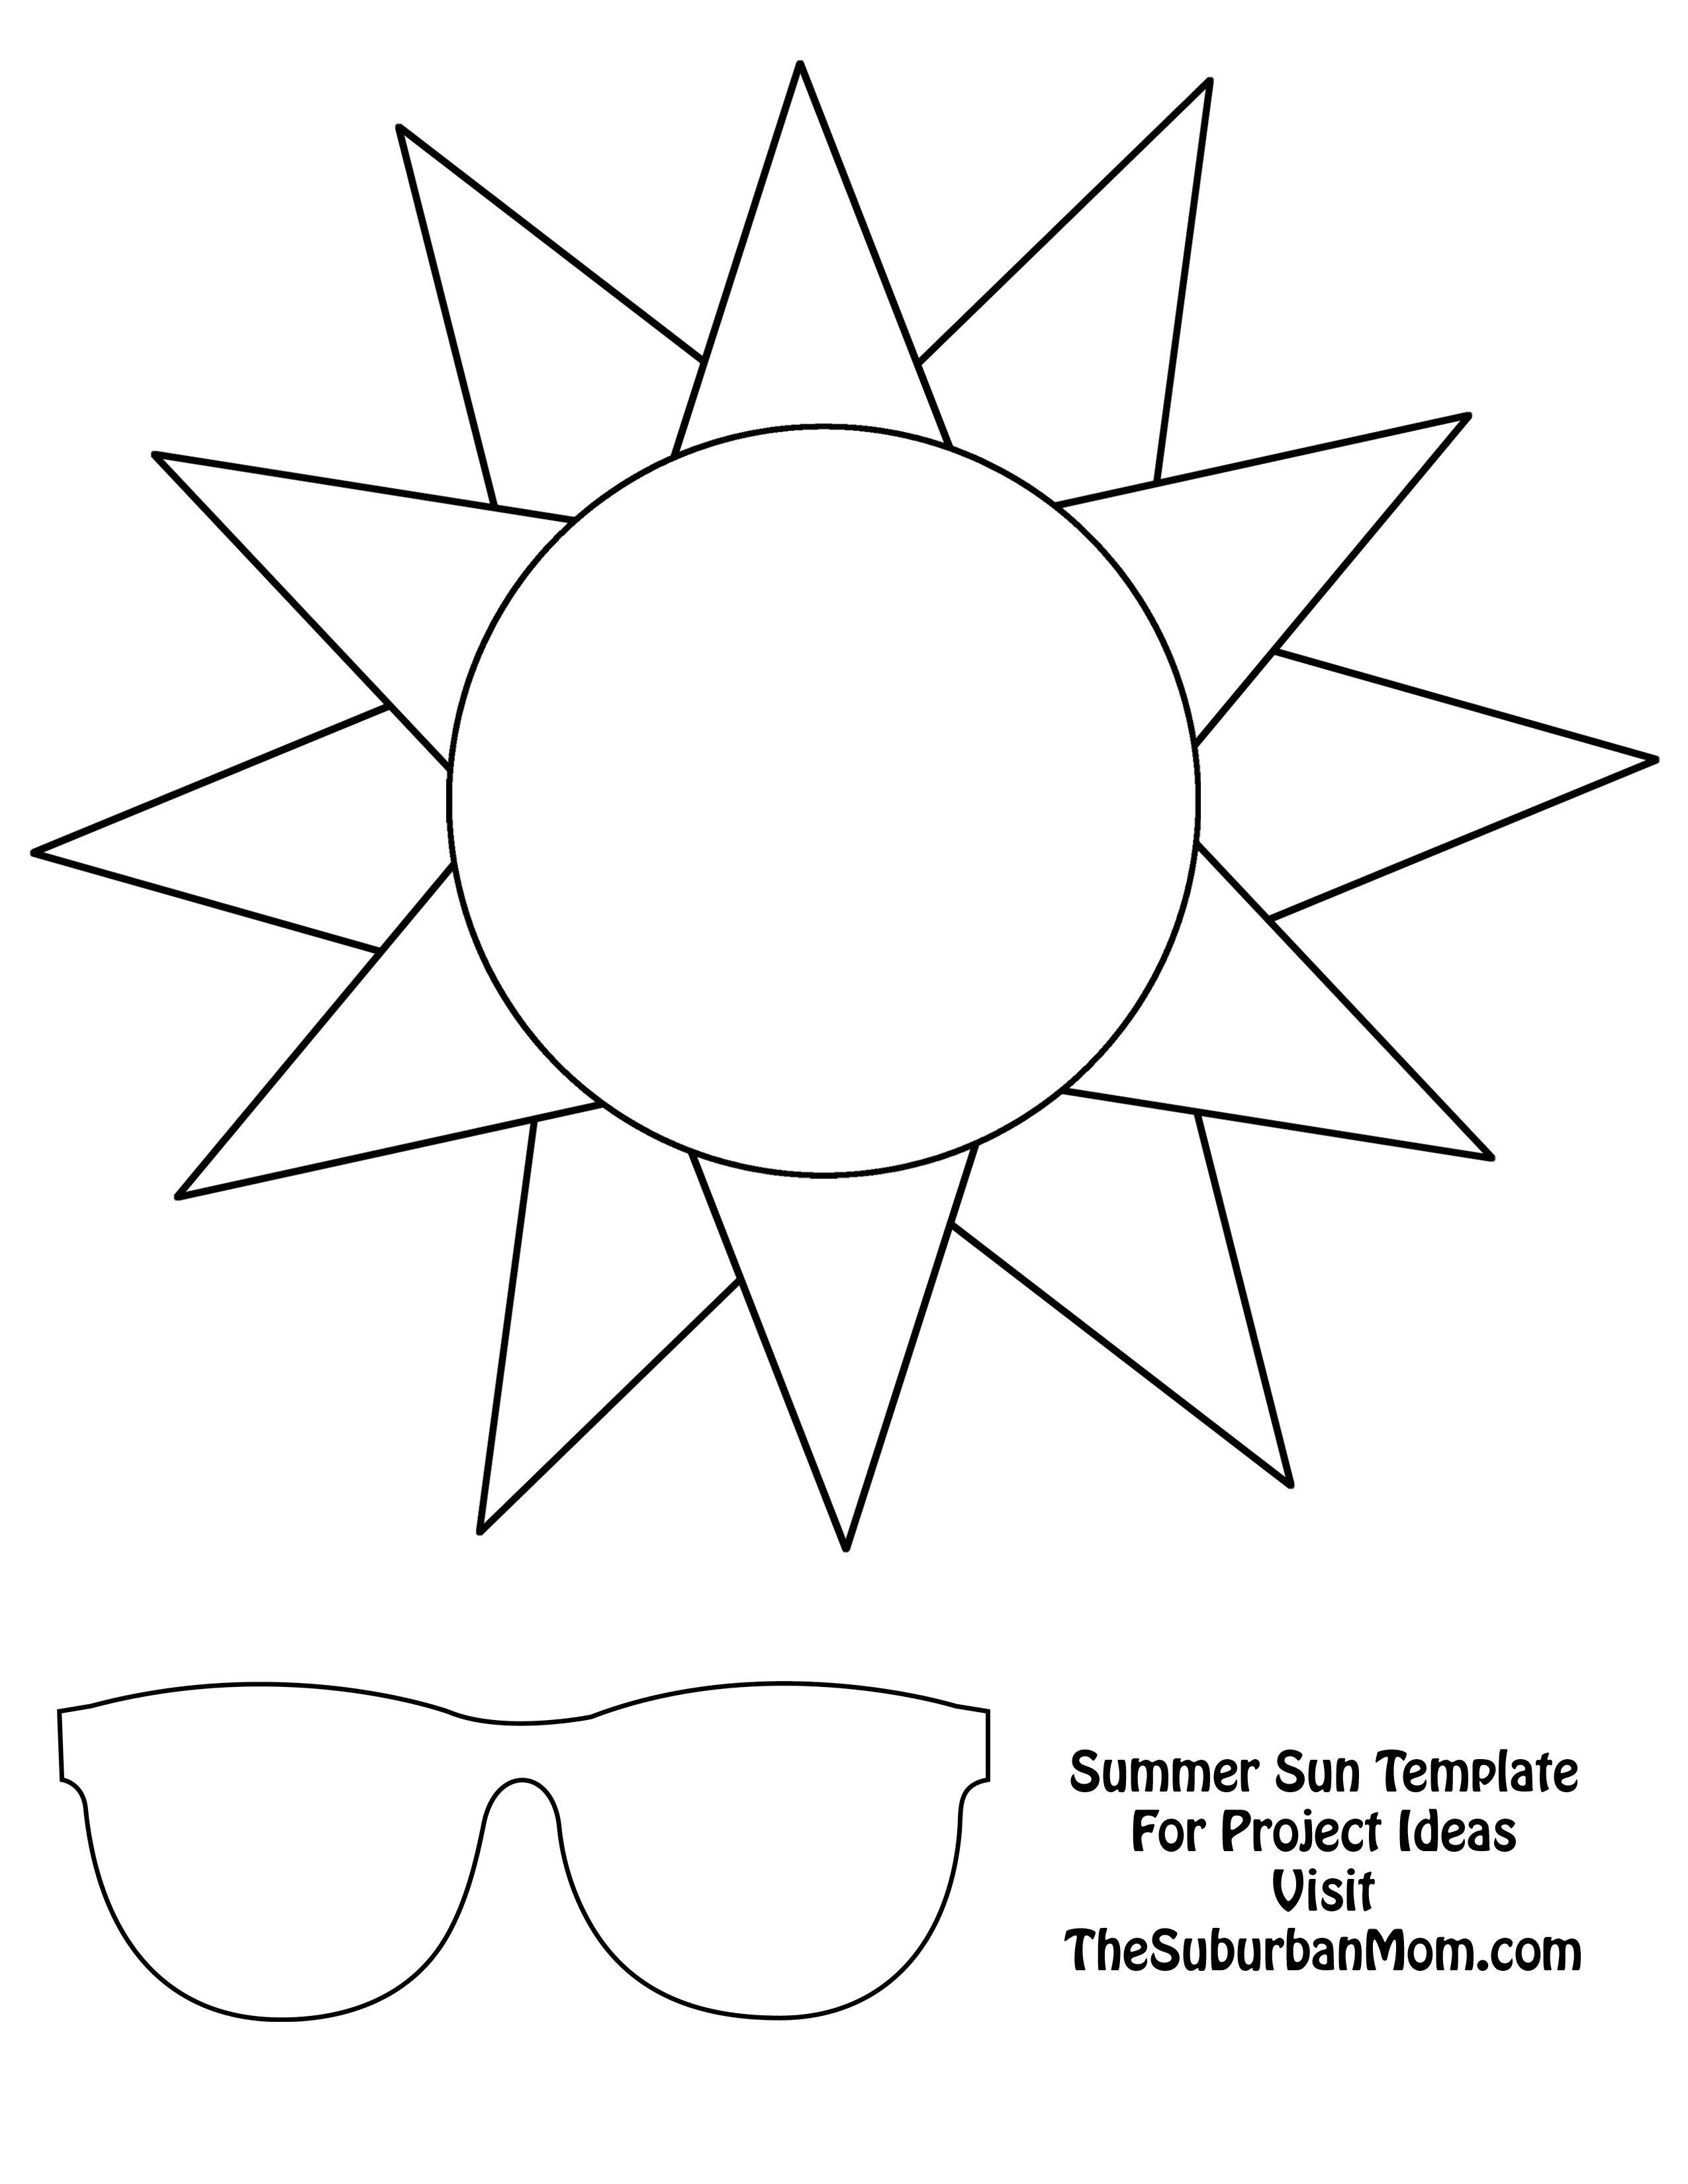 Summer Sun Template 2 550 3 300 Pixels